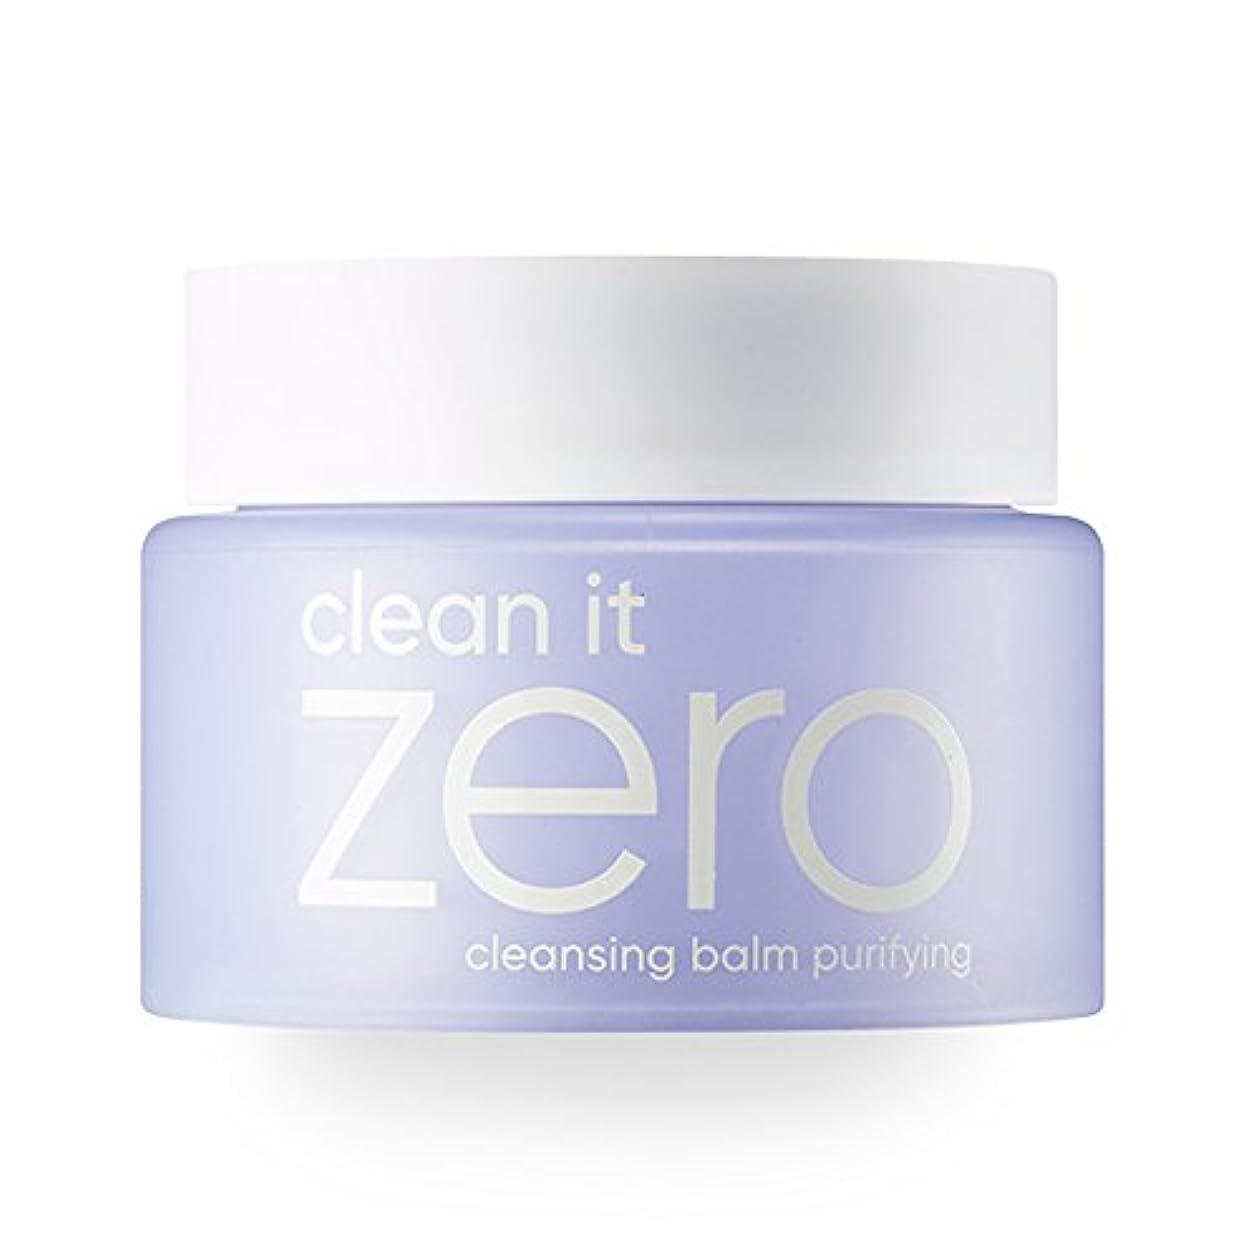 ミュウミュウバレエ包括的BANILA CO(バニラコ) クリーン イット ゼロ クレンジング バーム ピュリファイング Clean It Zero Purifying